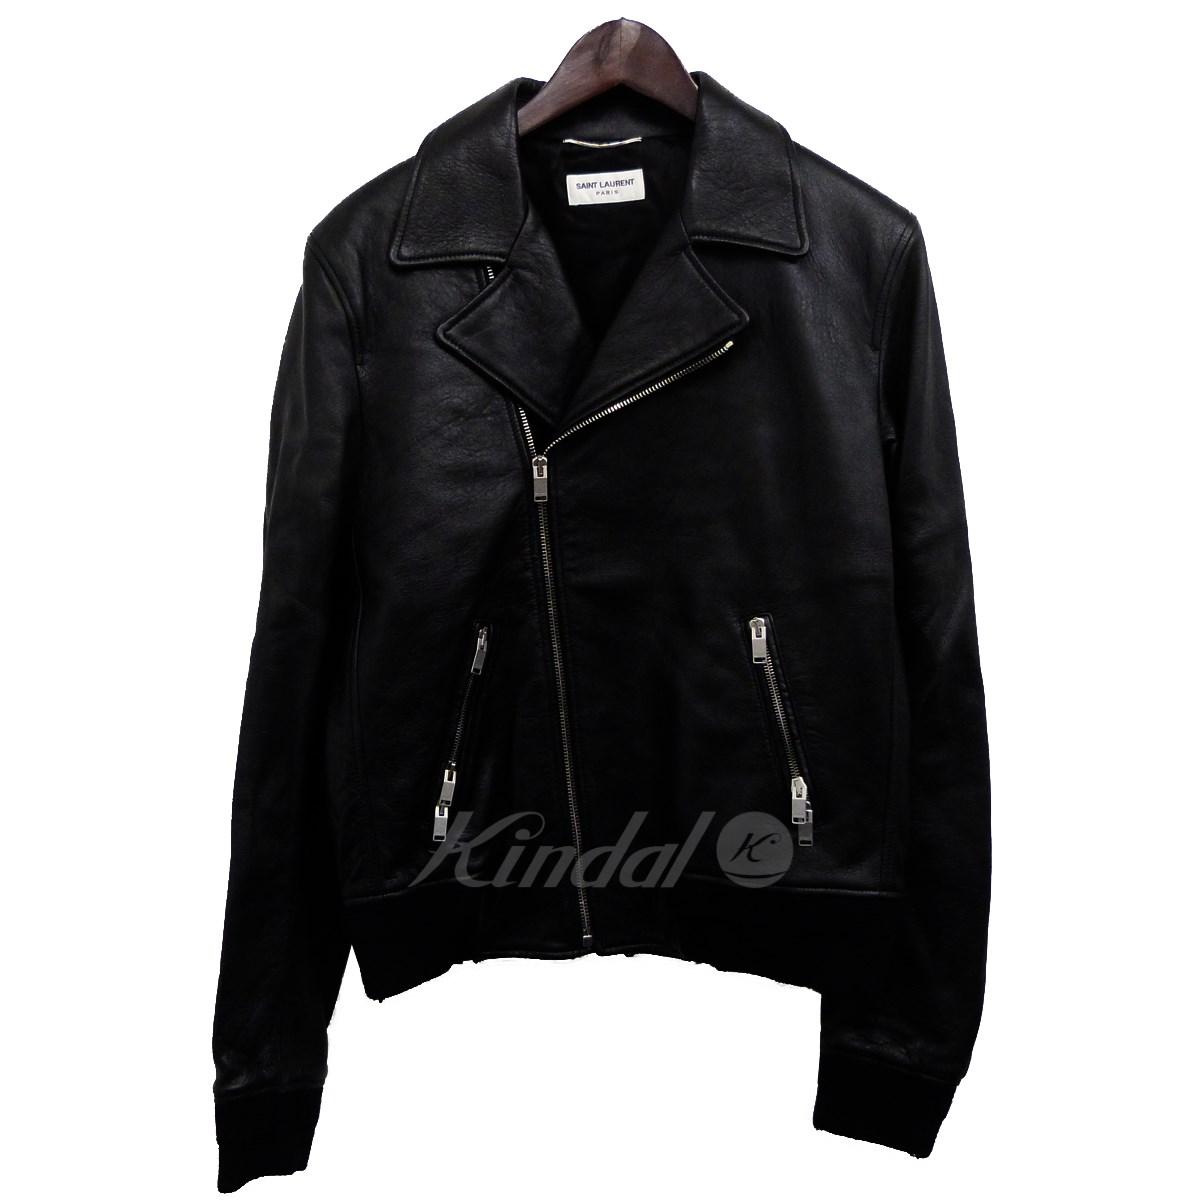 【中古】SAINT LAURENT PARIS 17SS レザーリブダブルライダースジャケット ブラック サイズ:50 【030520】(サンローランパリ)